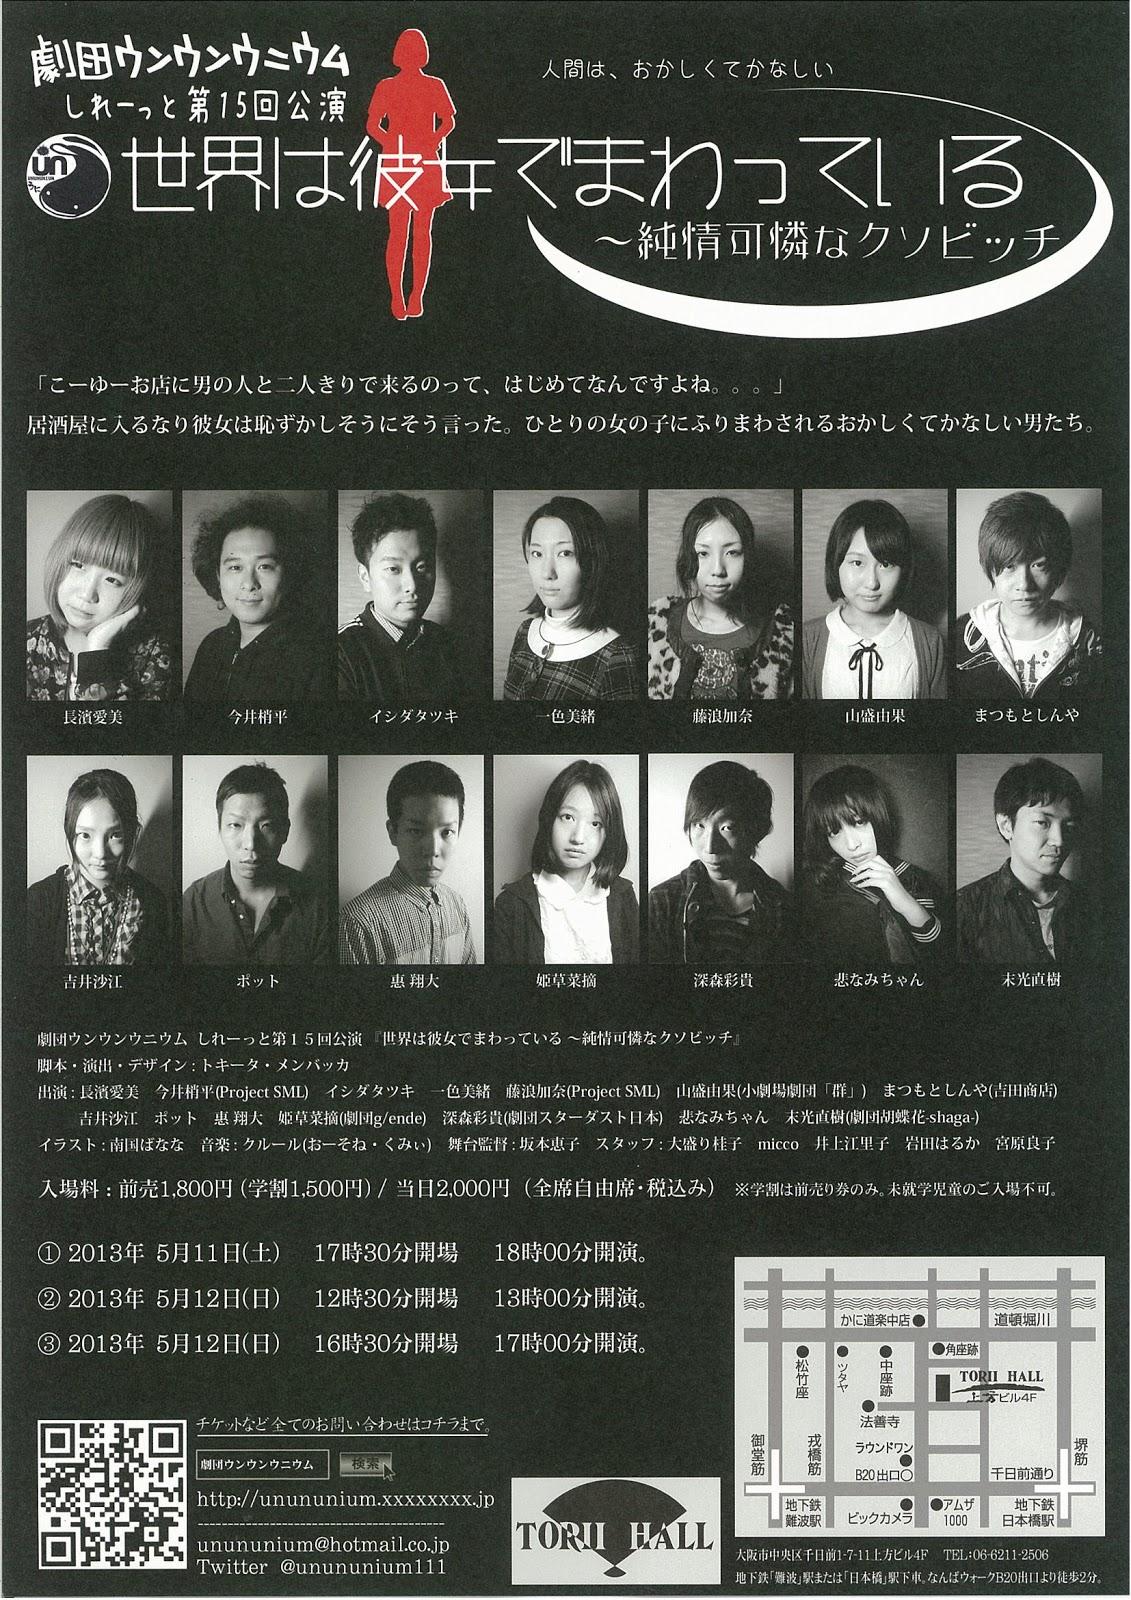 千日前 TORII HALL ブログ: 劇団...